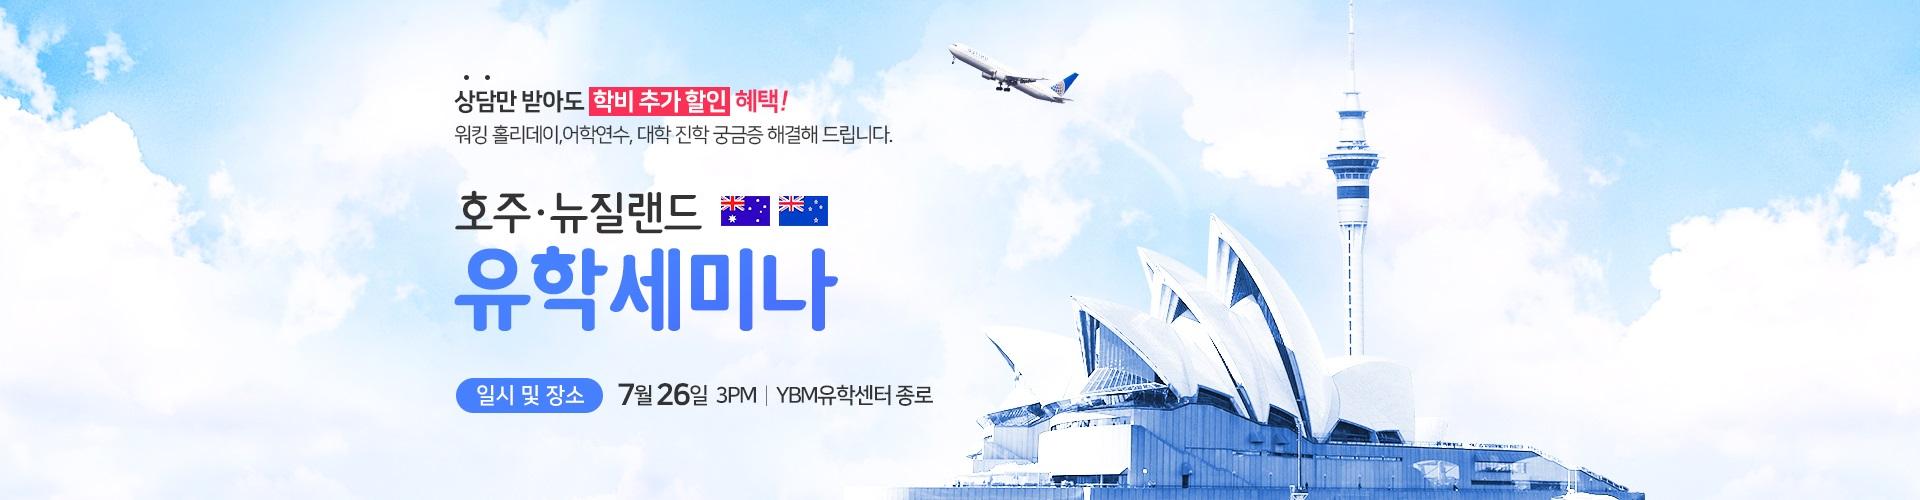 7월 호주/뉴질랜드유학,호주연수,뉴질랜드연수,유학세미나,패스웨이